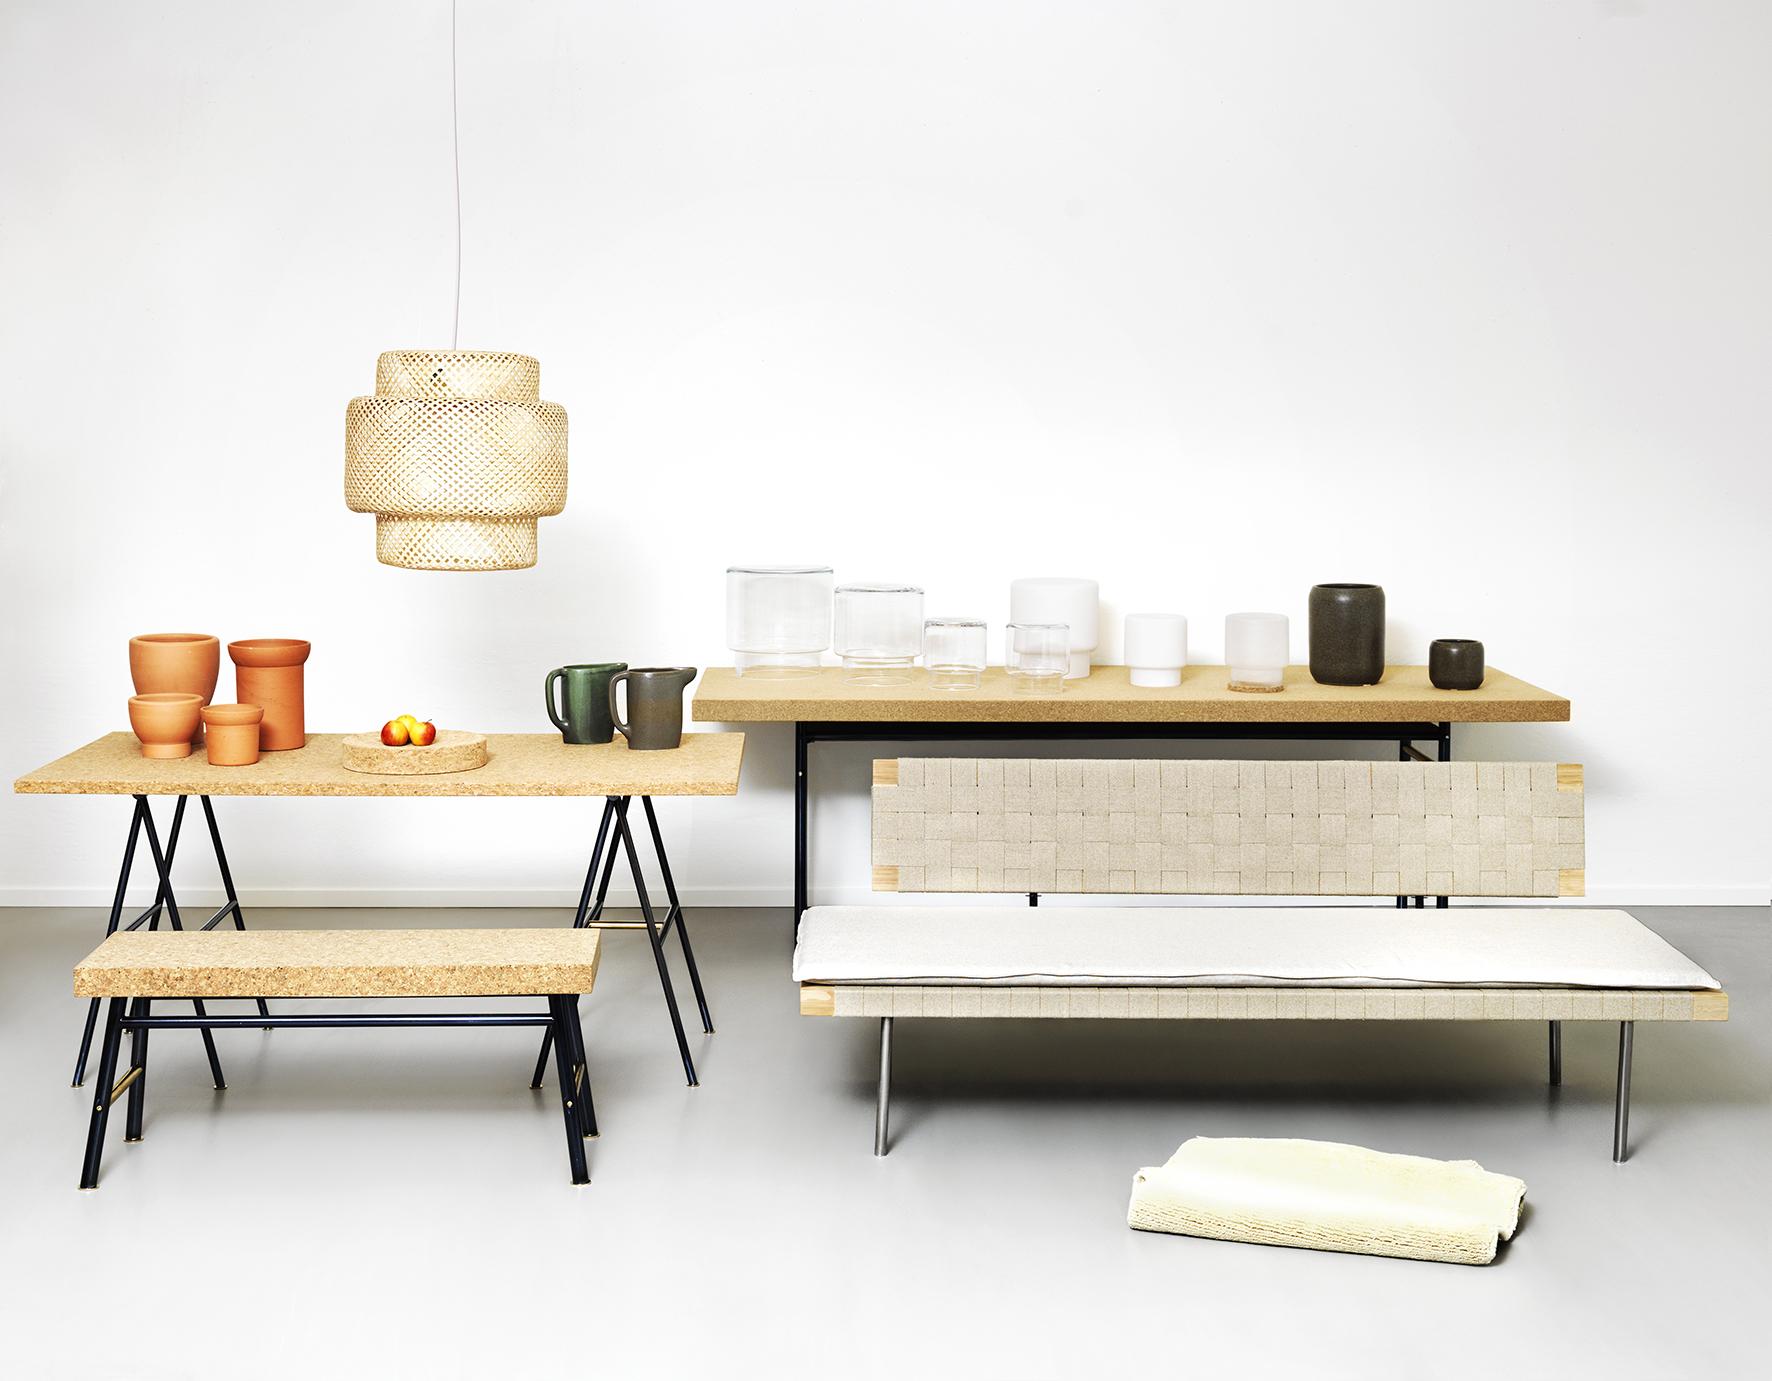 Garderoben Rollständer Ikea ~ 10月発売!IKEAの新製品で作る秋色アースカラー